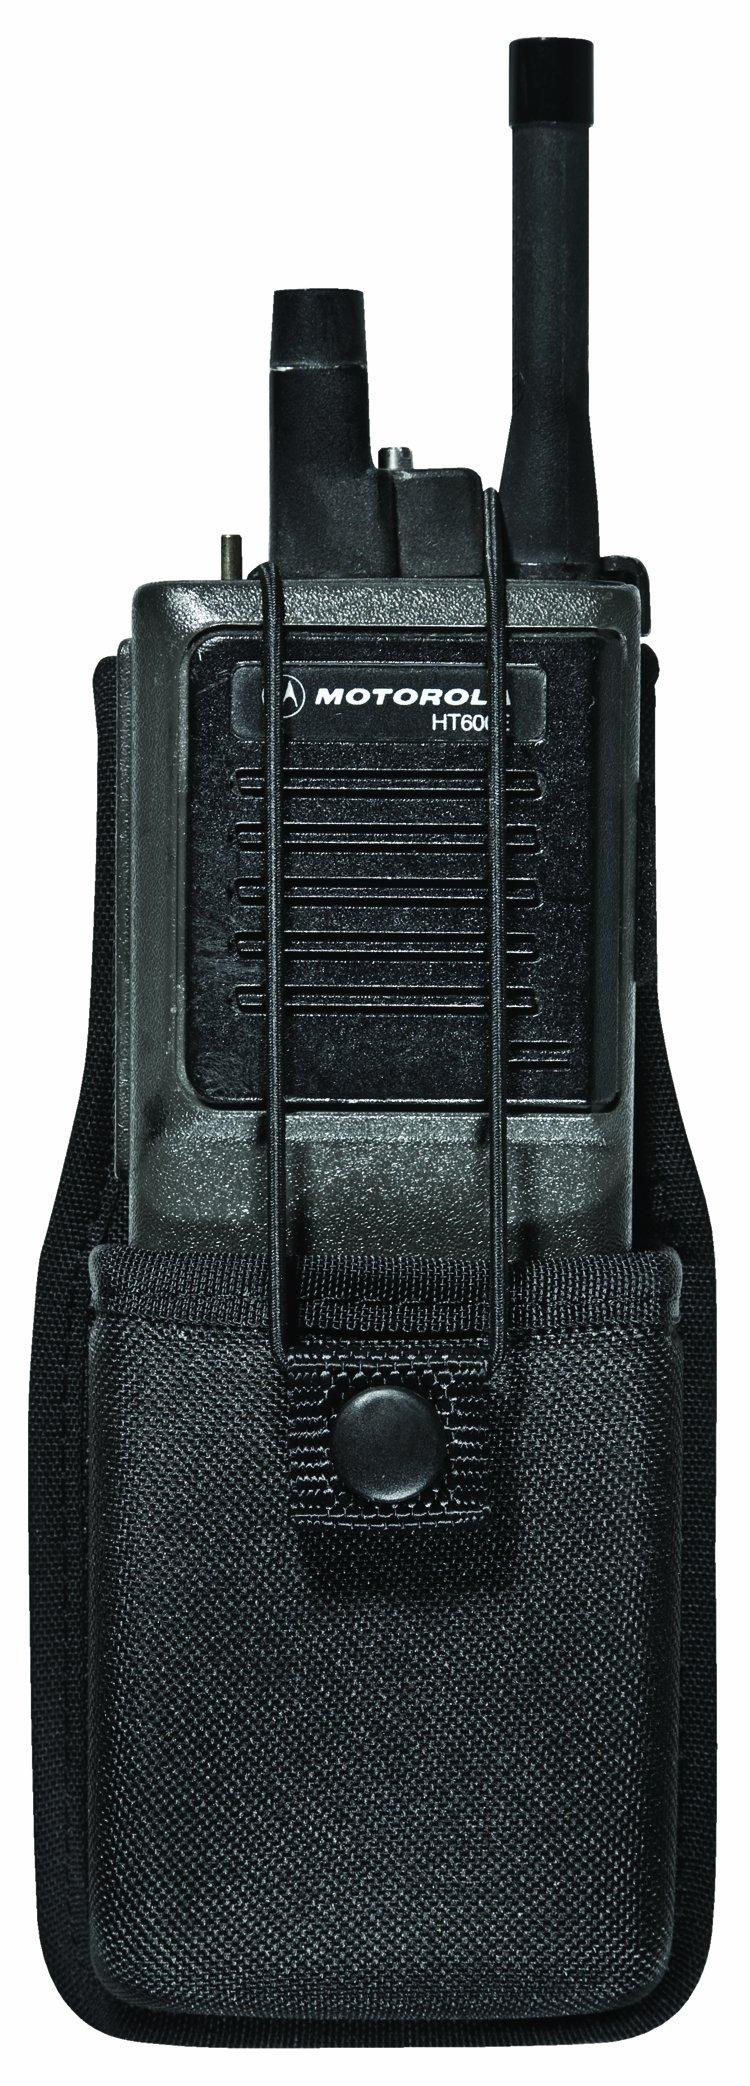 Bianchi Patroltek 8014 Black Universal Radio Case